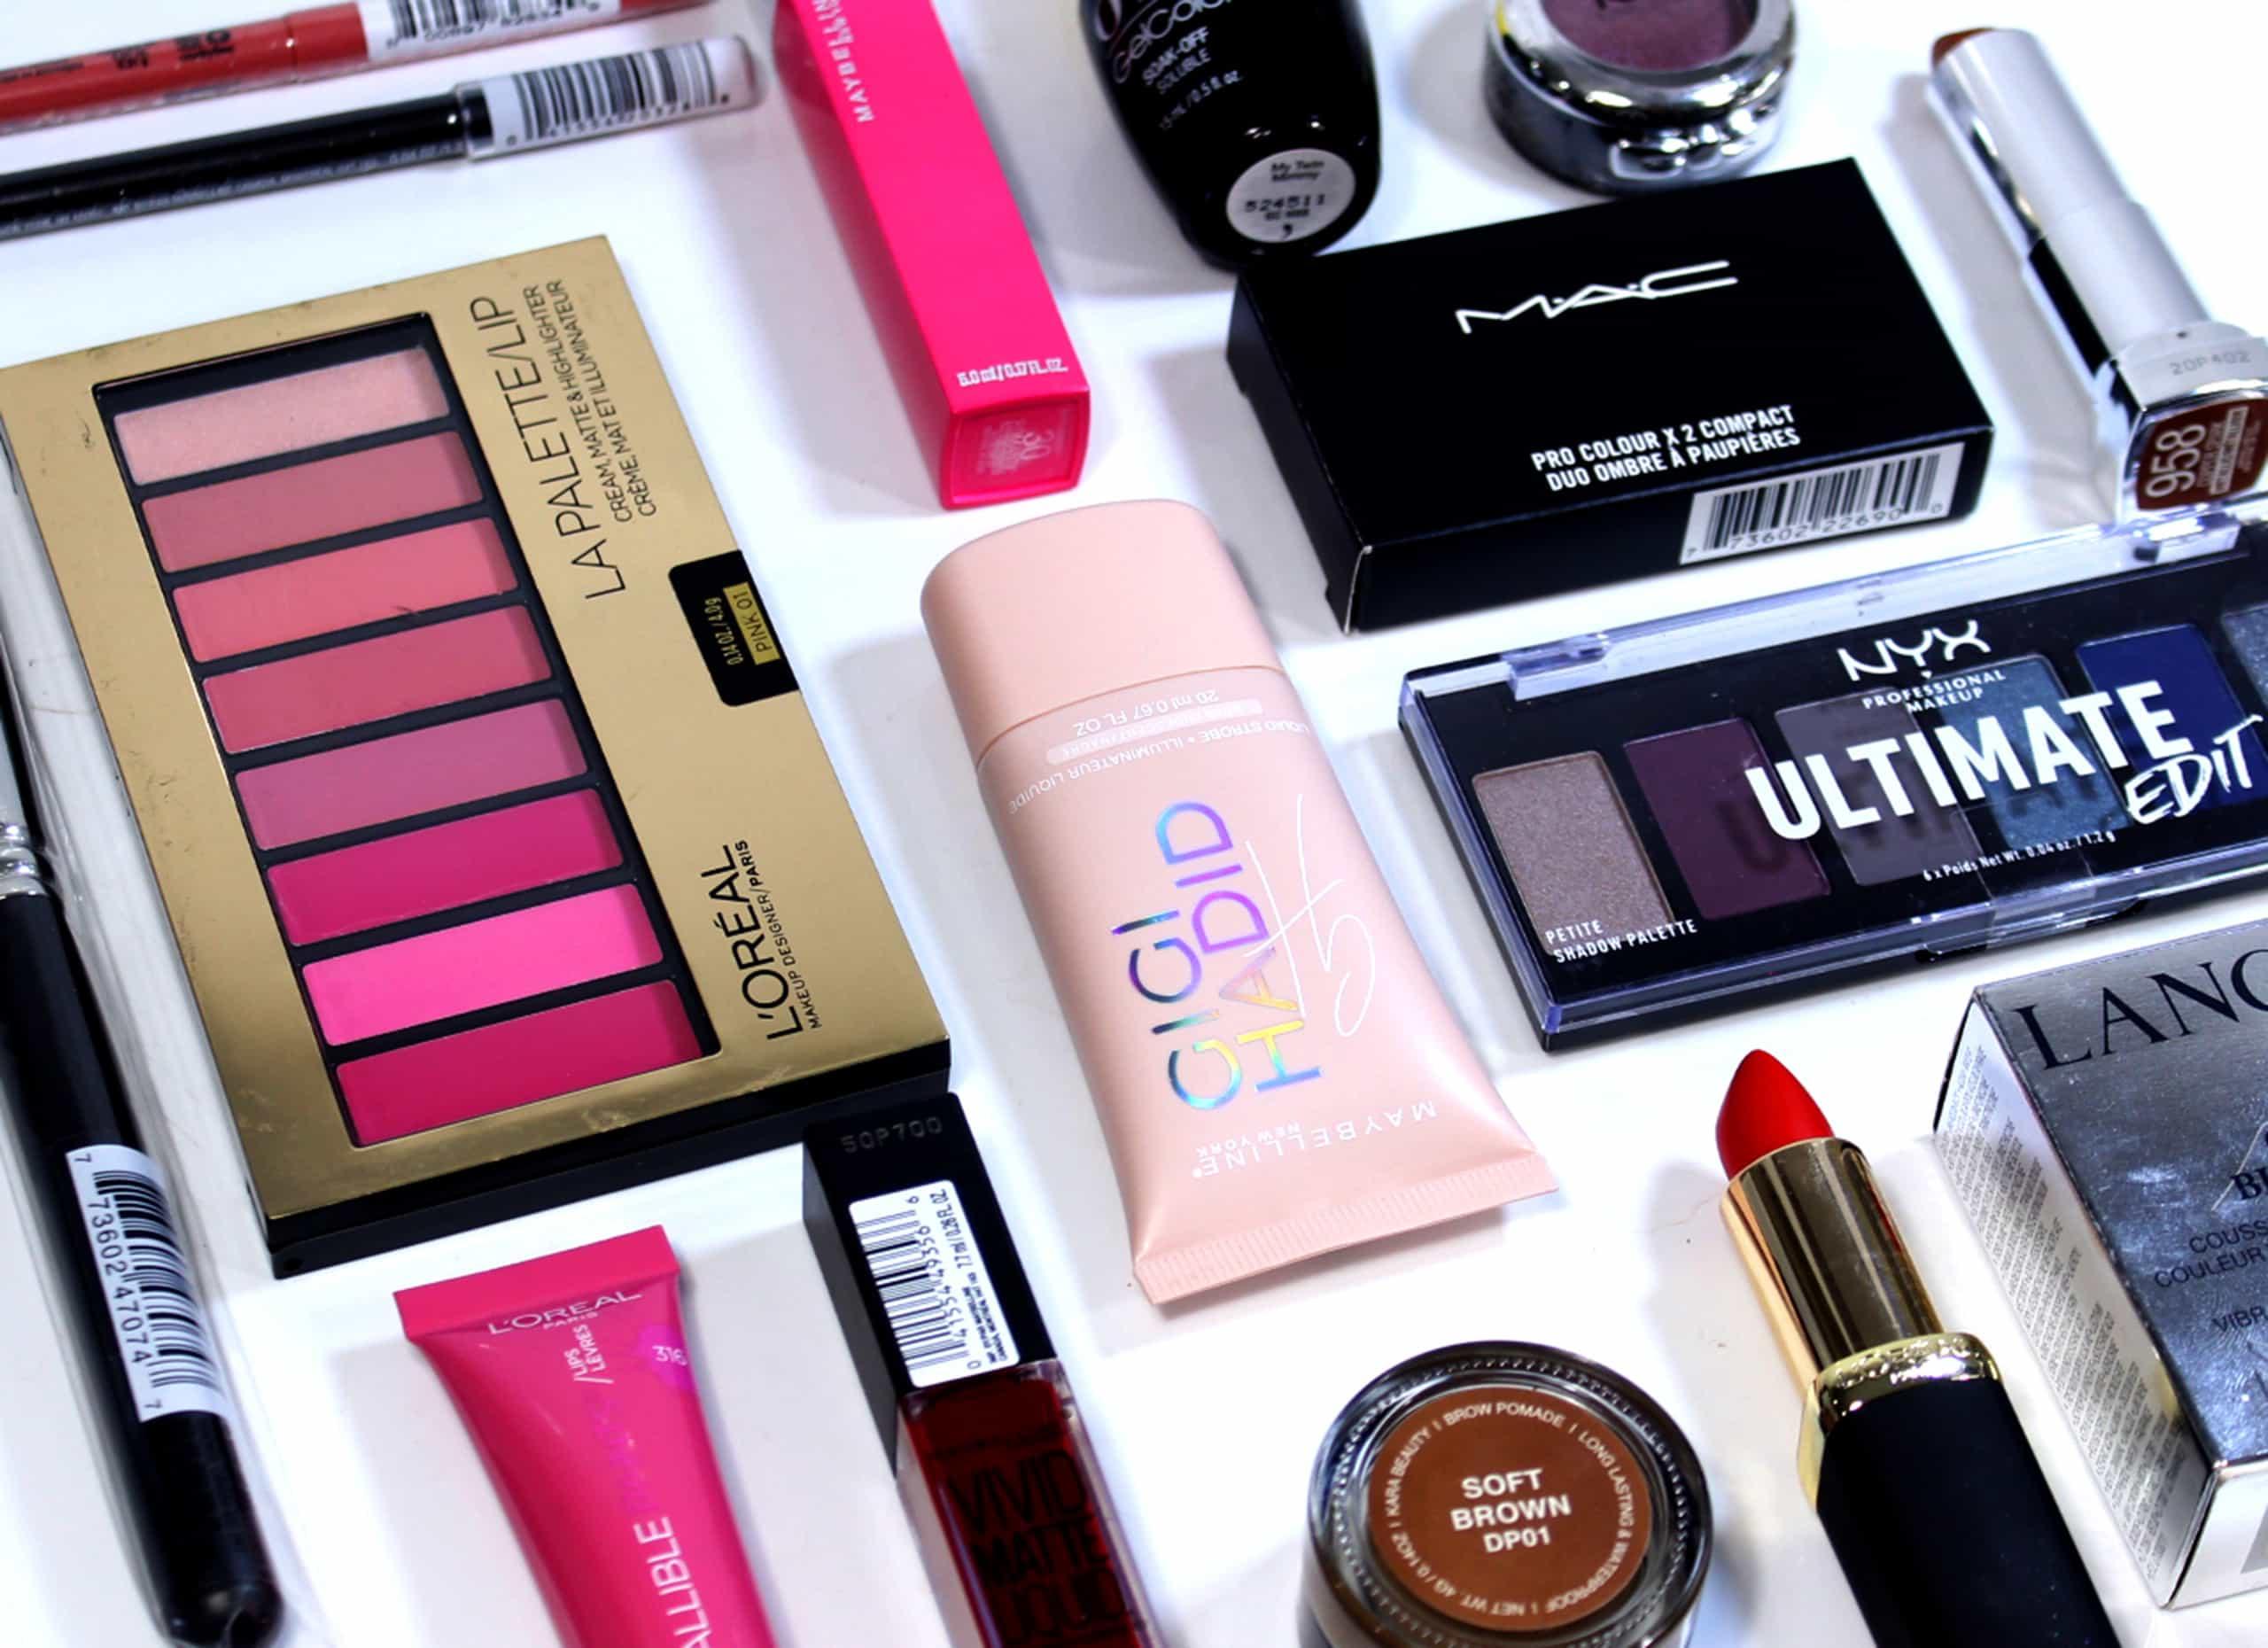 Una colección de diferentes productos cosméticos de marcas de maquillaje estadounidenses sobre un fondo blanco